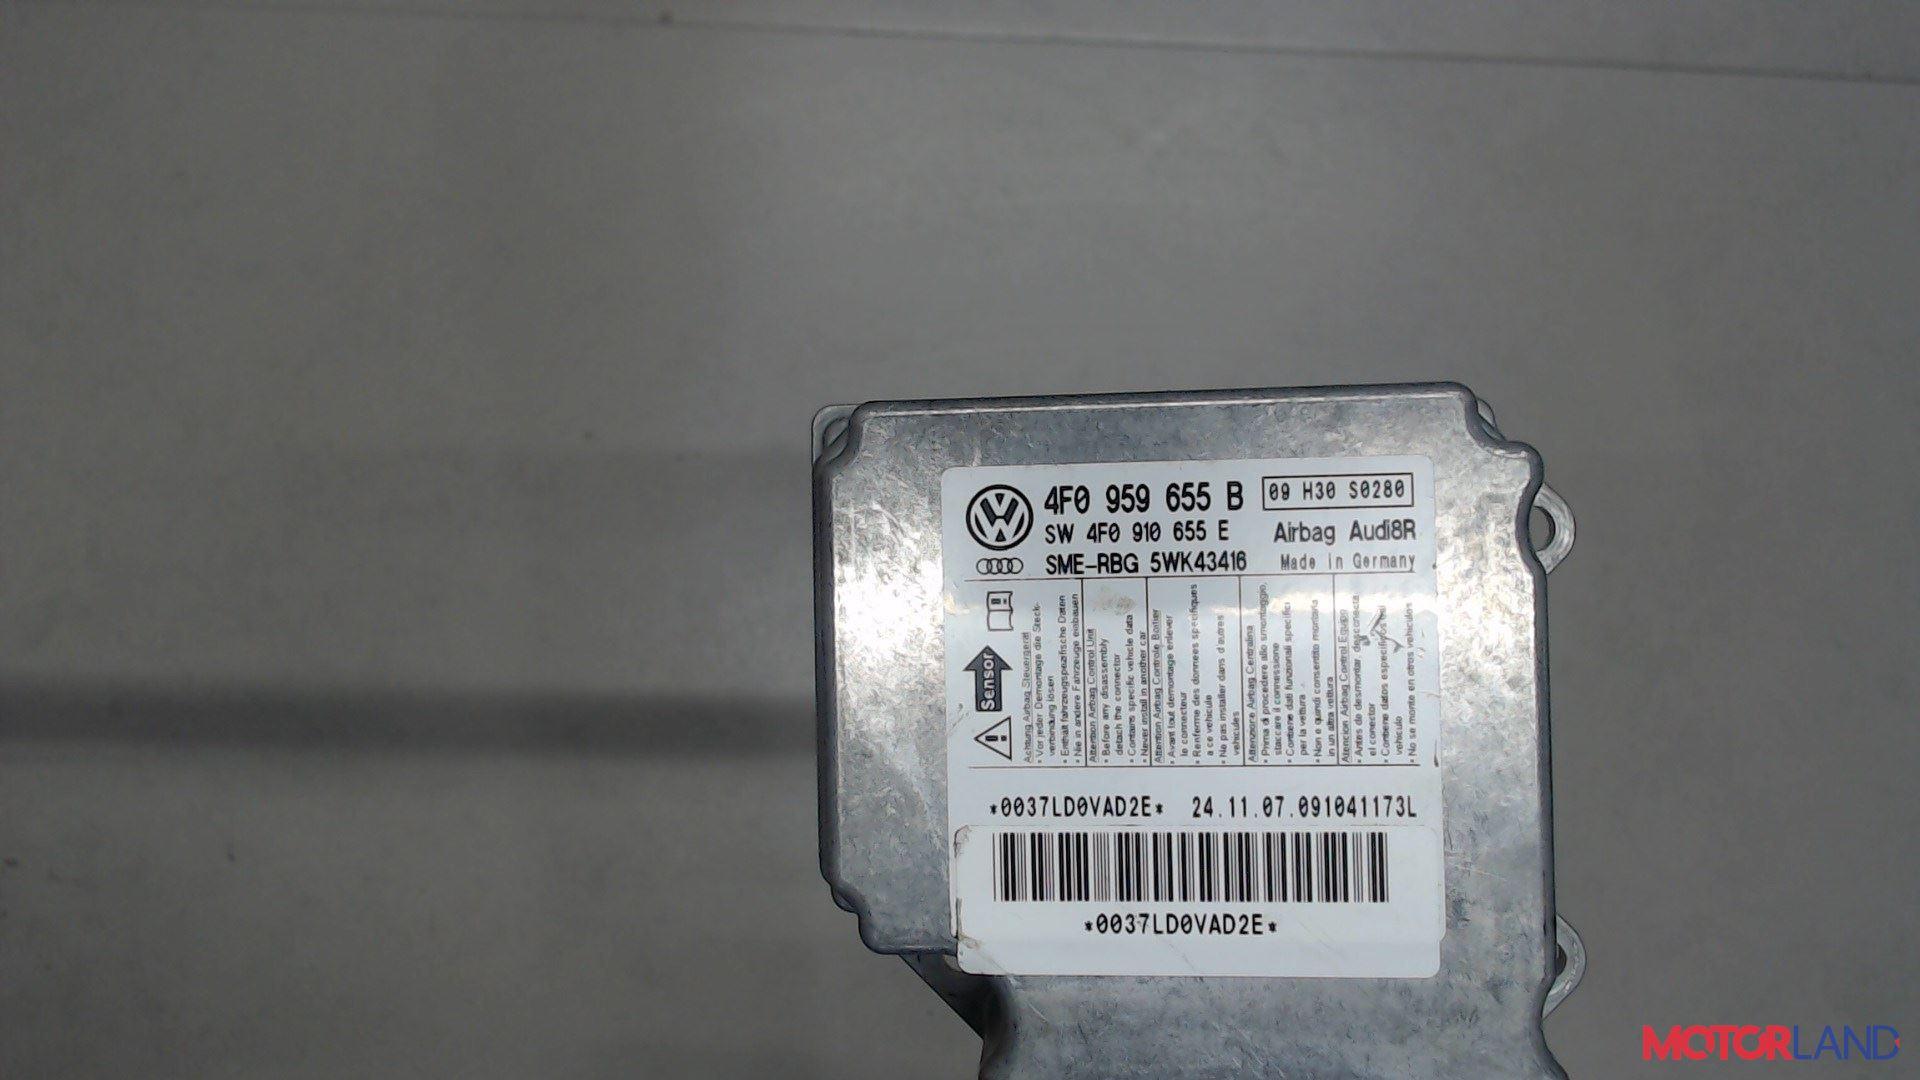 Блок управления (ЭБУ) Audi A6 (C6) 2005-2011 2 л. 2008 BRE б/у #2